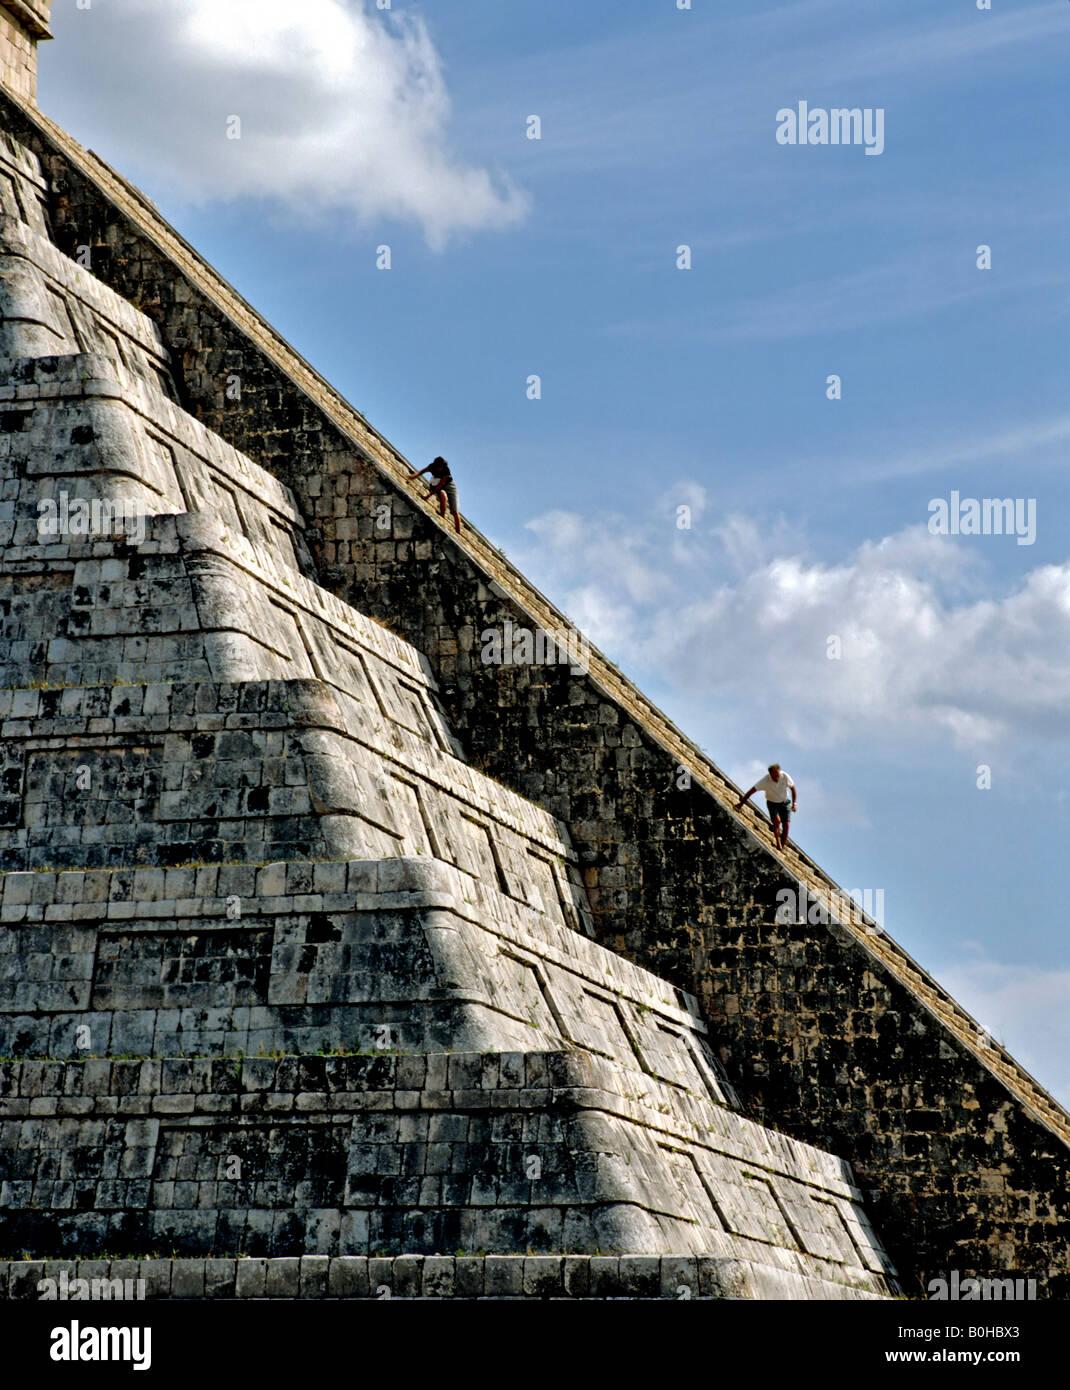 Piramide, Tempio di Kukulkan, CICHEN ITZA, civiltà Maya nello Yucatan, Messico, America Centrale Immagini Stock